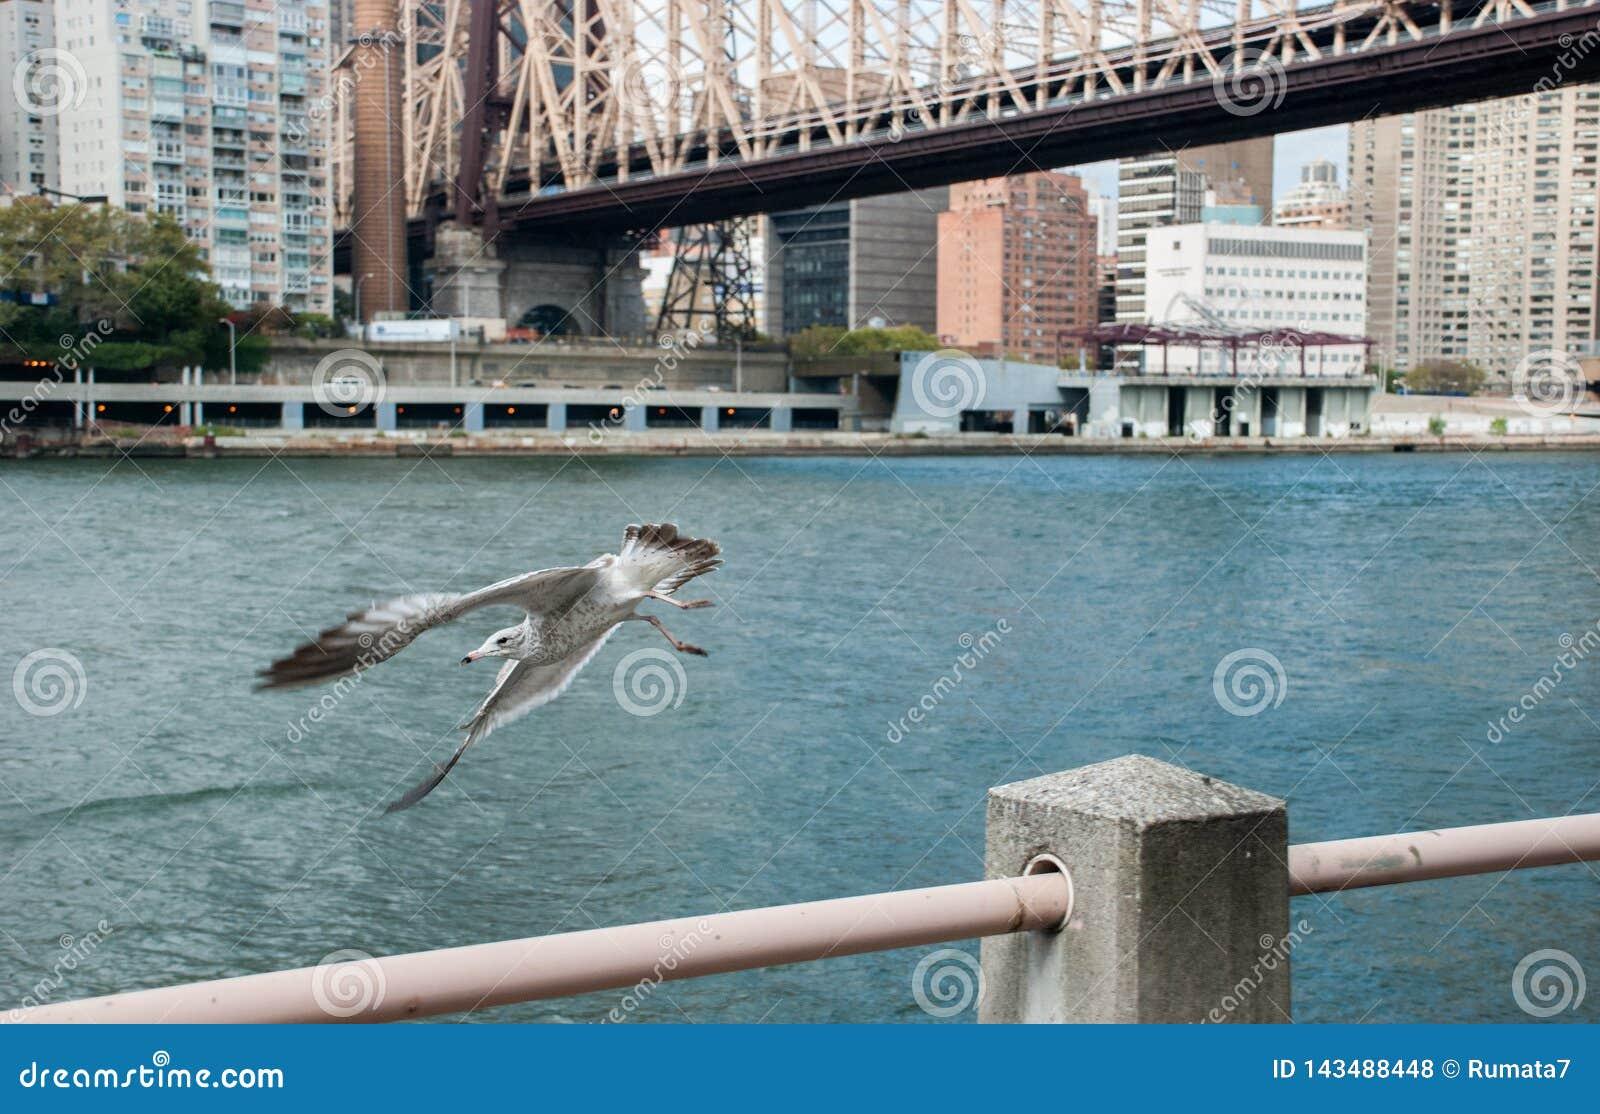 Seagull latanie obok Queensboro mostu nad Wschodnią rzeką, to łączy Roosevelt wyspę upper east side Manhattan